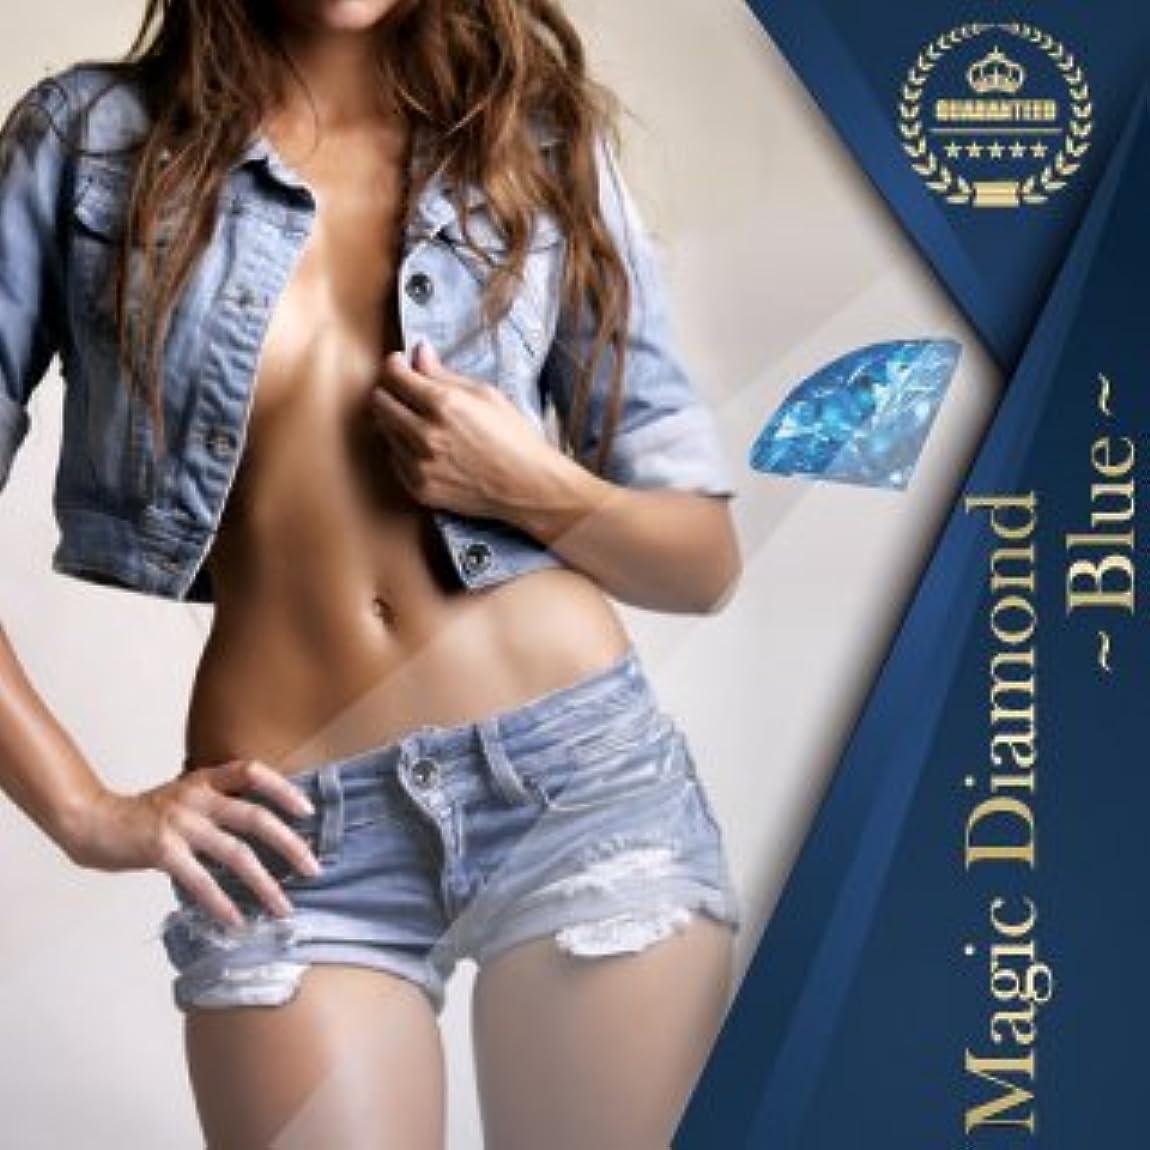 衣類干ばつルーチンMagic Diamond Blue マジックダイアモンドブルー 2個セット Magic Diamond Blue